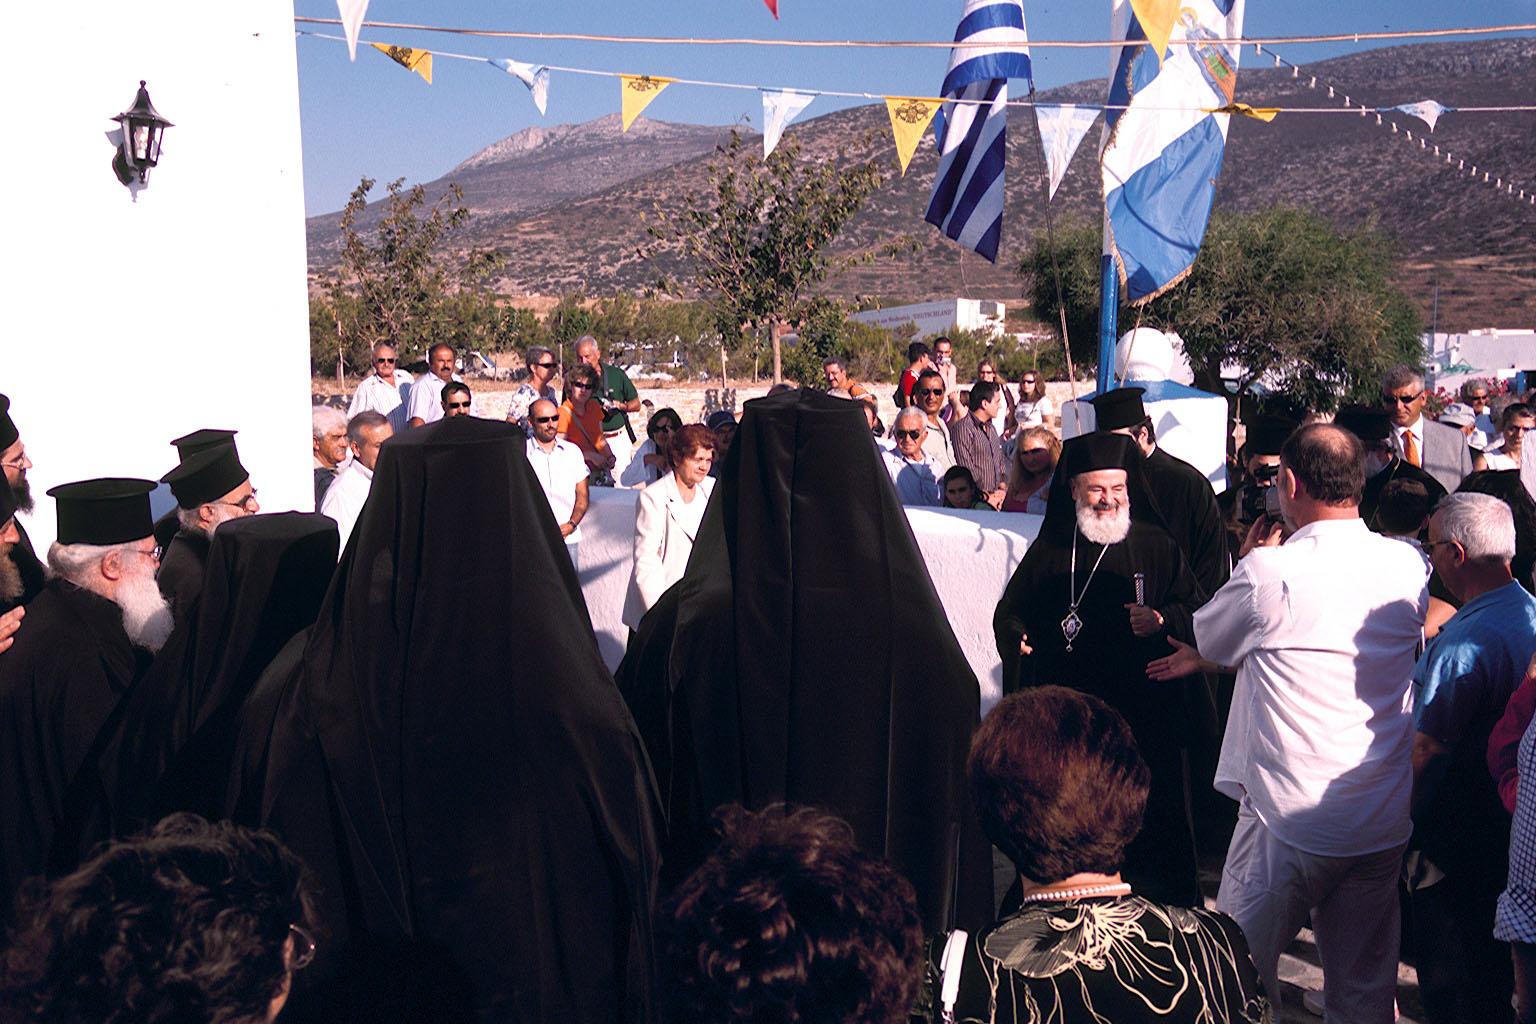 Οι Αμοργιανοί έχουν σημαιοστολίσει τις Εκκλησιές τους και υποδέχονται τον Αρχιεπίσκοπο Χριστόδουλο (Φωτο: actimon.blogspot.gr)